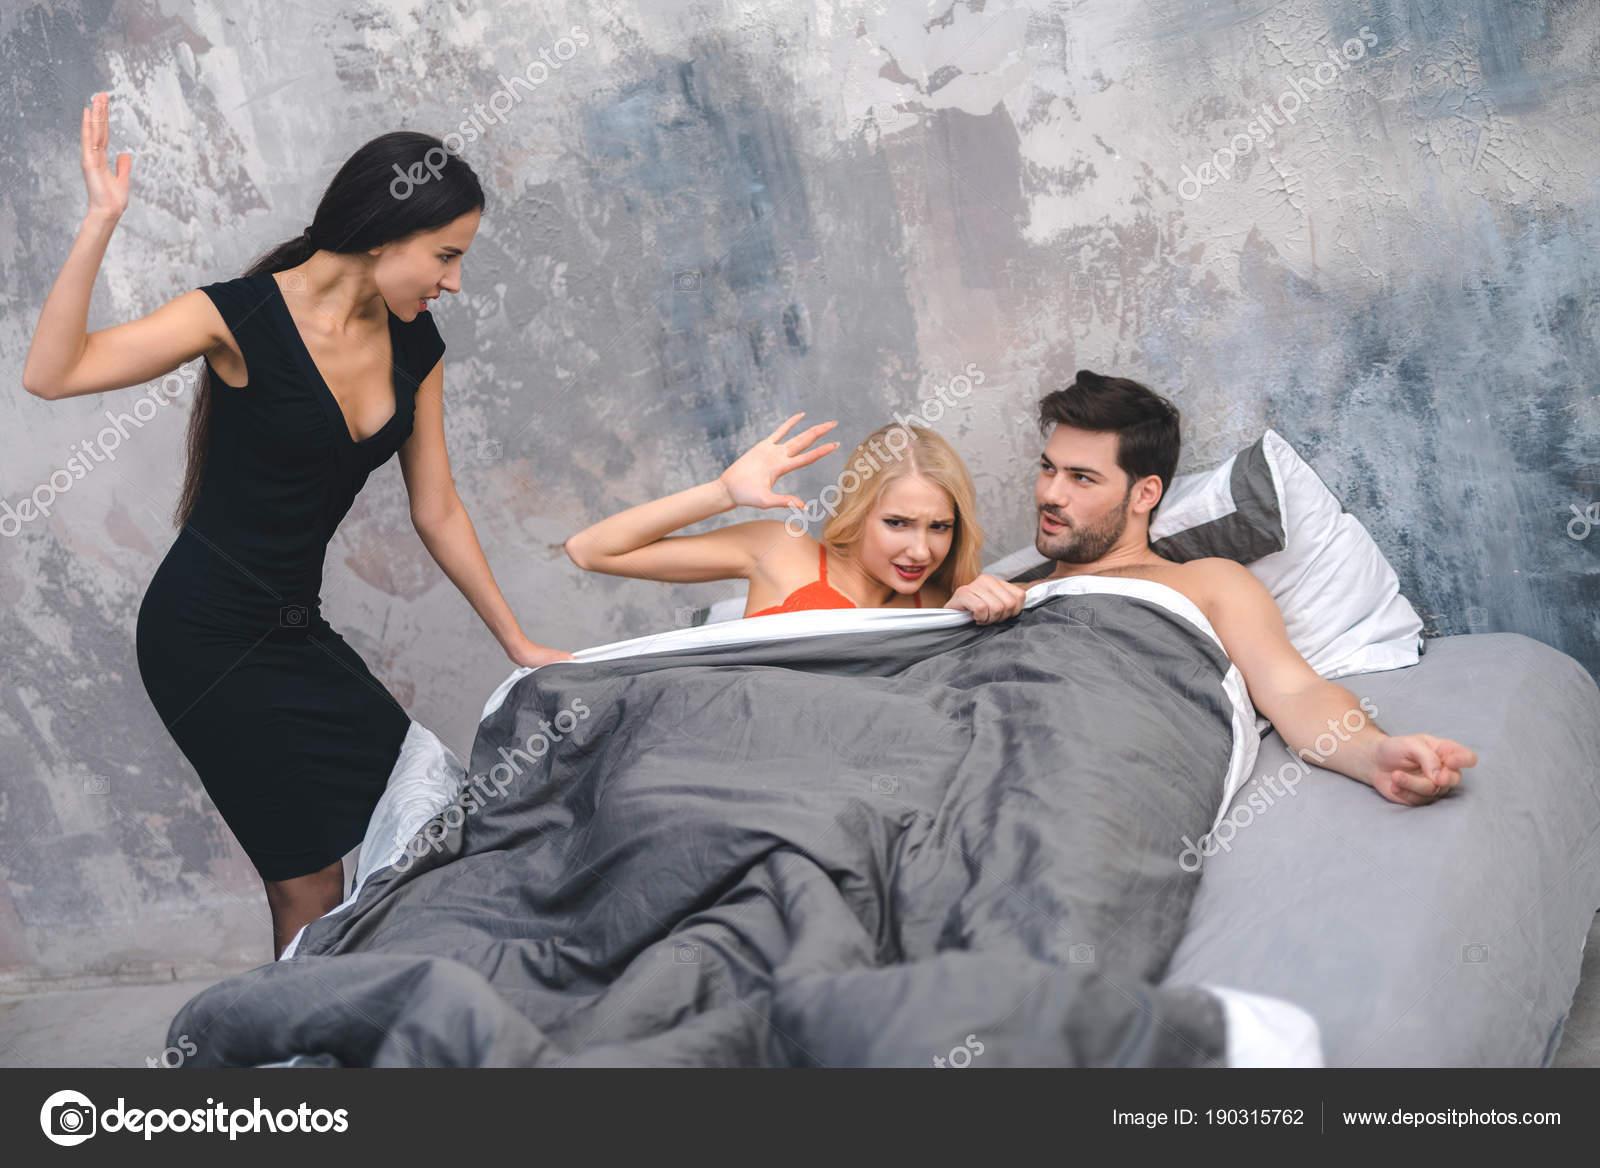 Застукал жену с подругой и присоединился есть